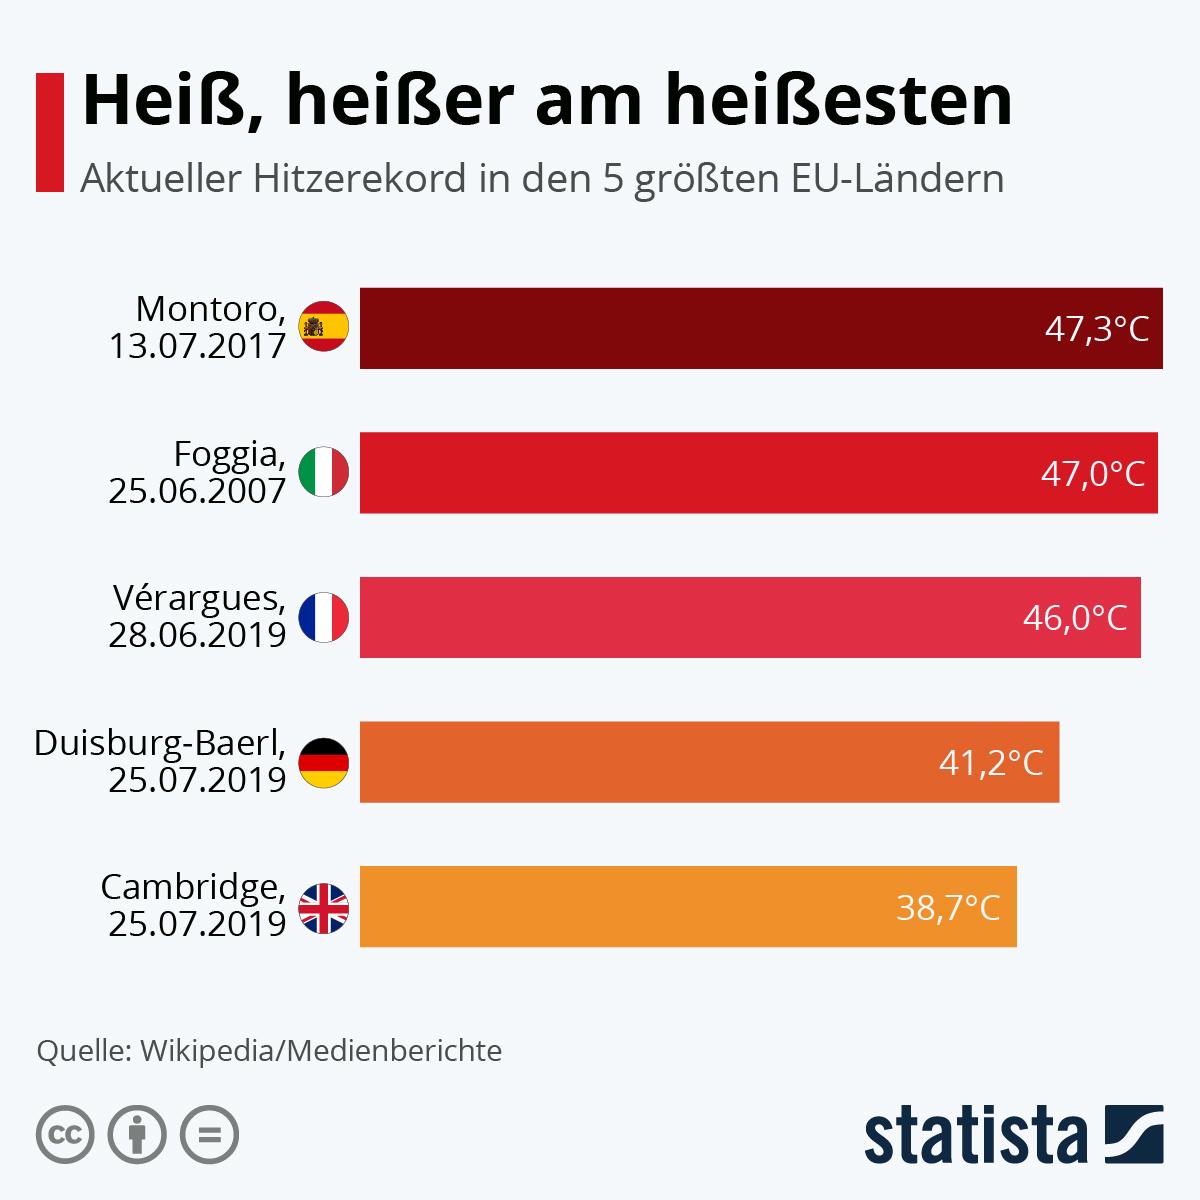 Heiß, heißer am heißesten | Statista